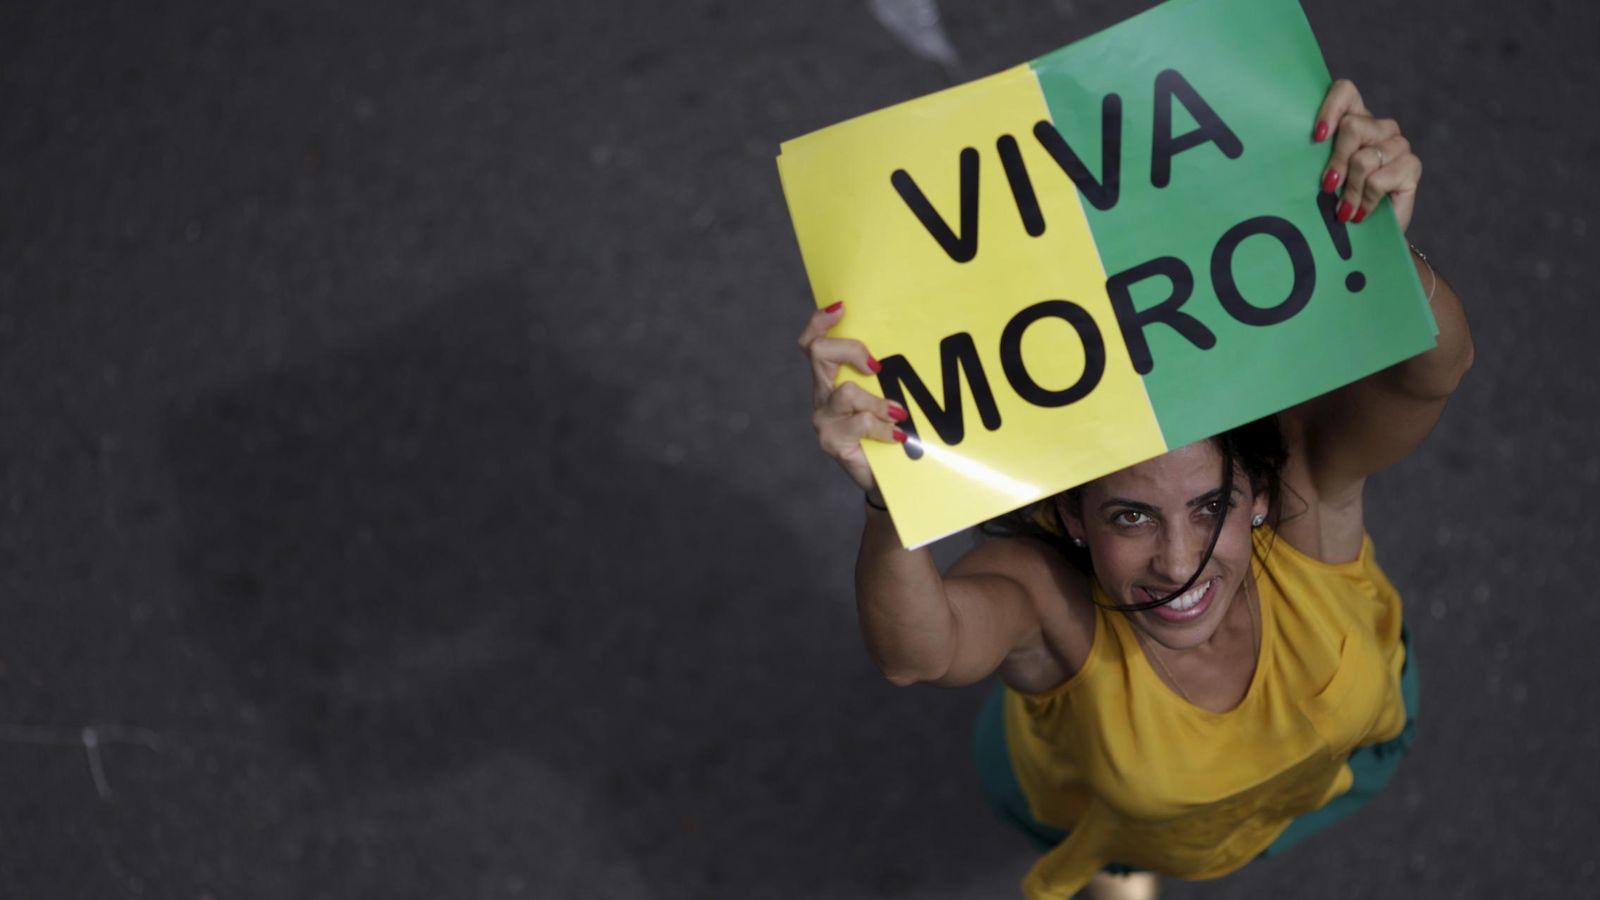 Foto: Una manifestante, con un cartel de apoyo al juez Sérgio Moro durante las protestas en Brasilia contra Rousseff  del 13 de marzo de 2016. (Reuters)